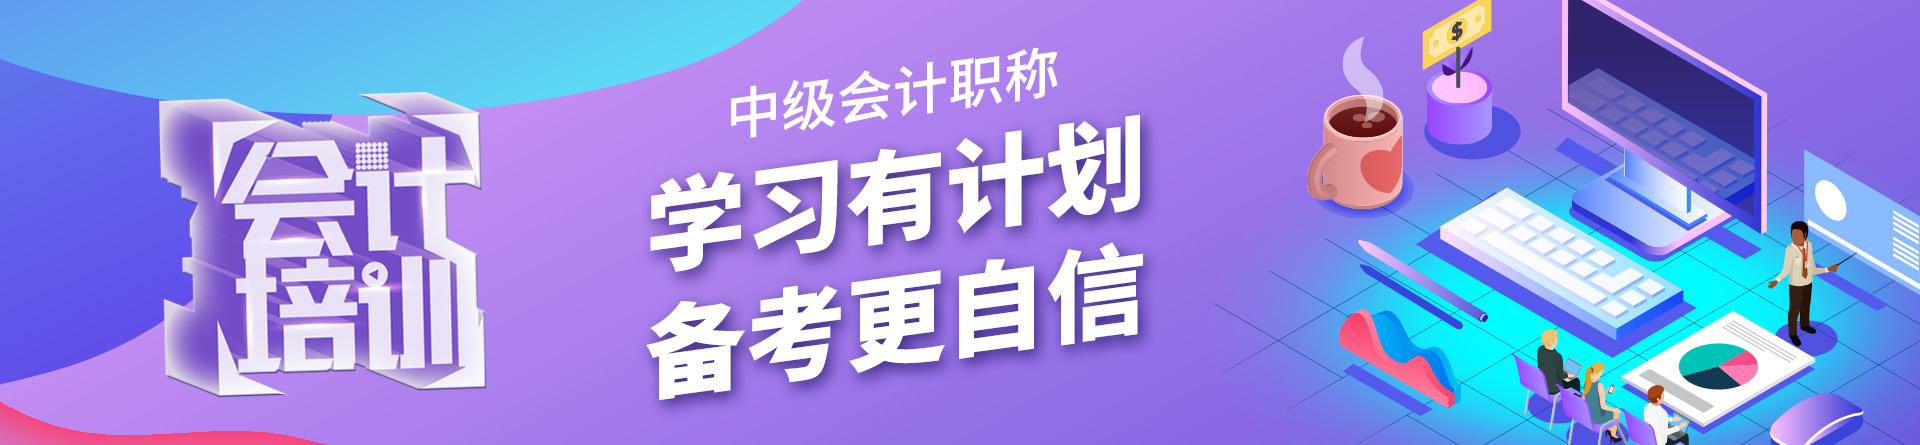 天津南开优路教育培训学校